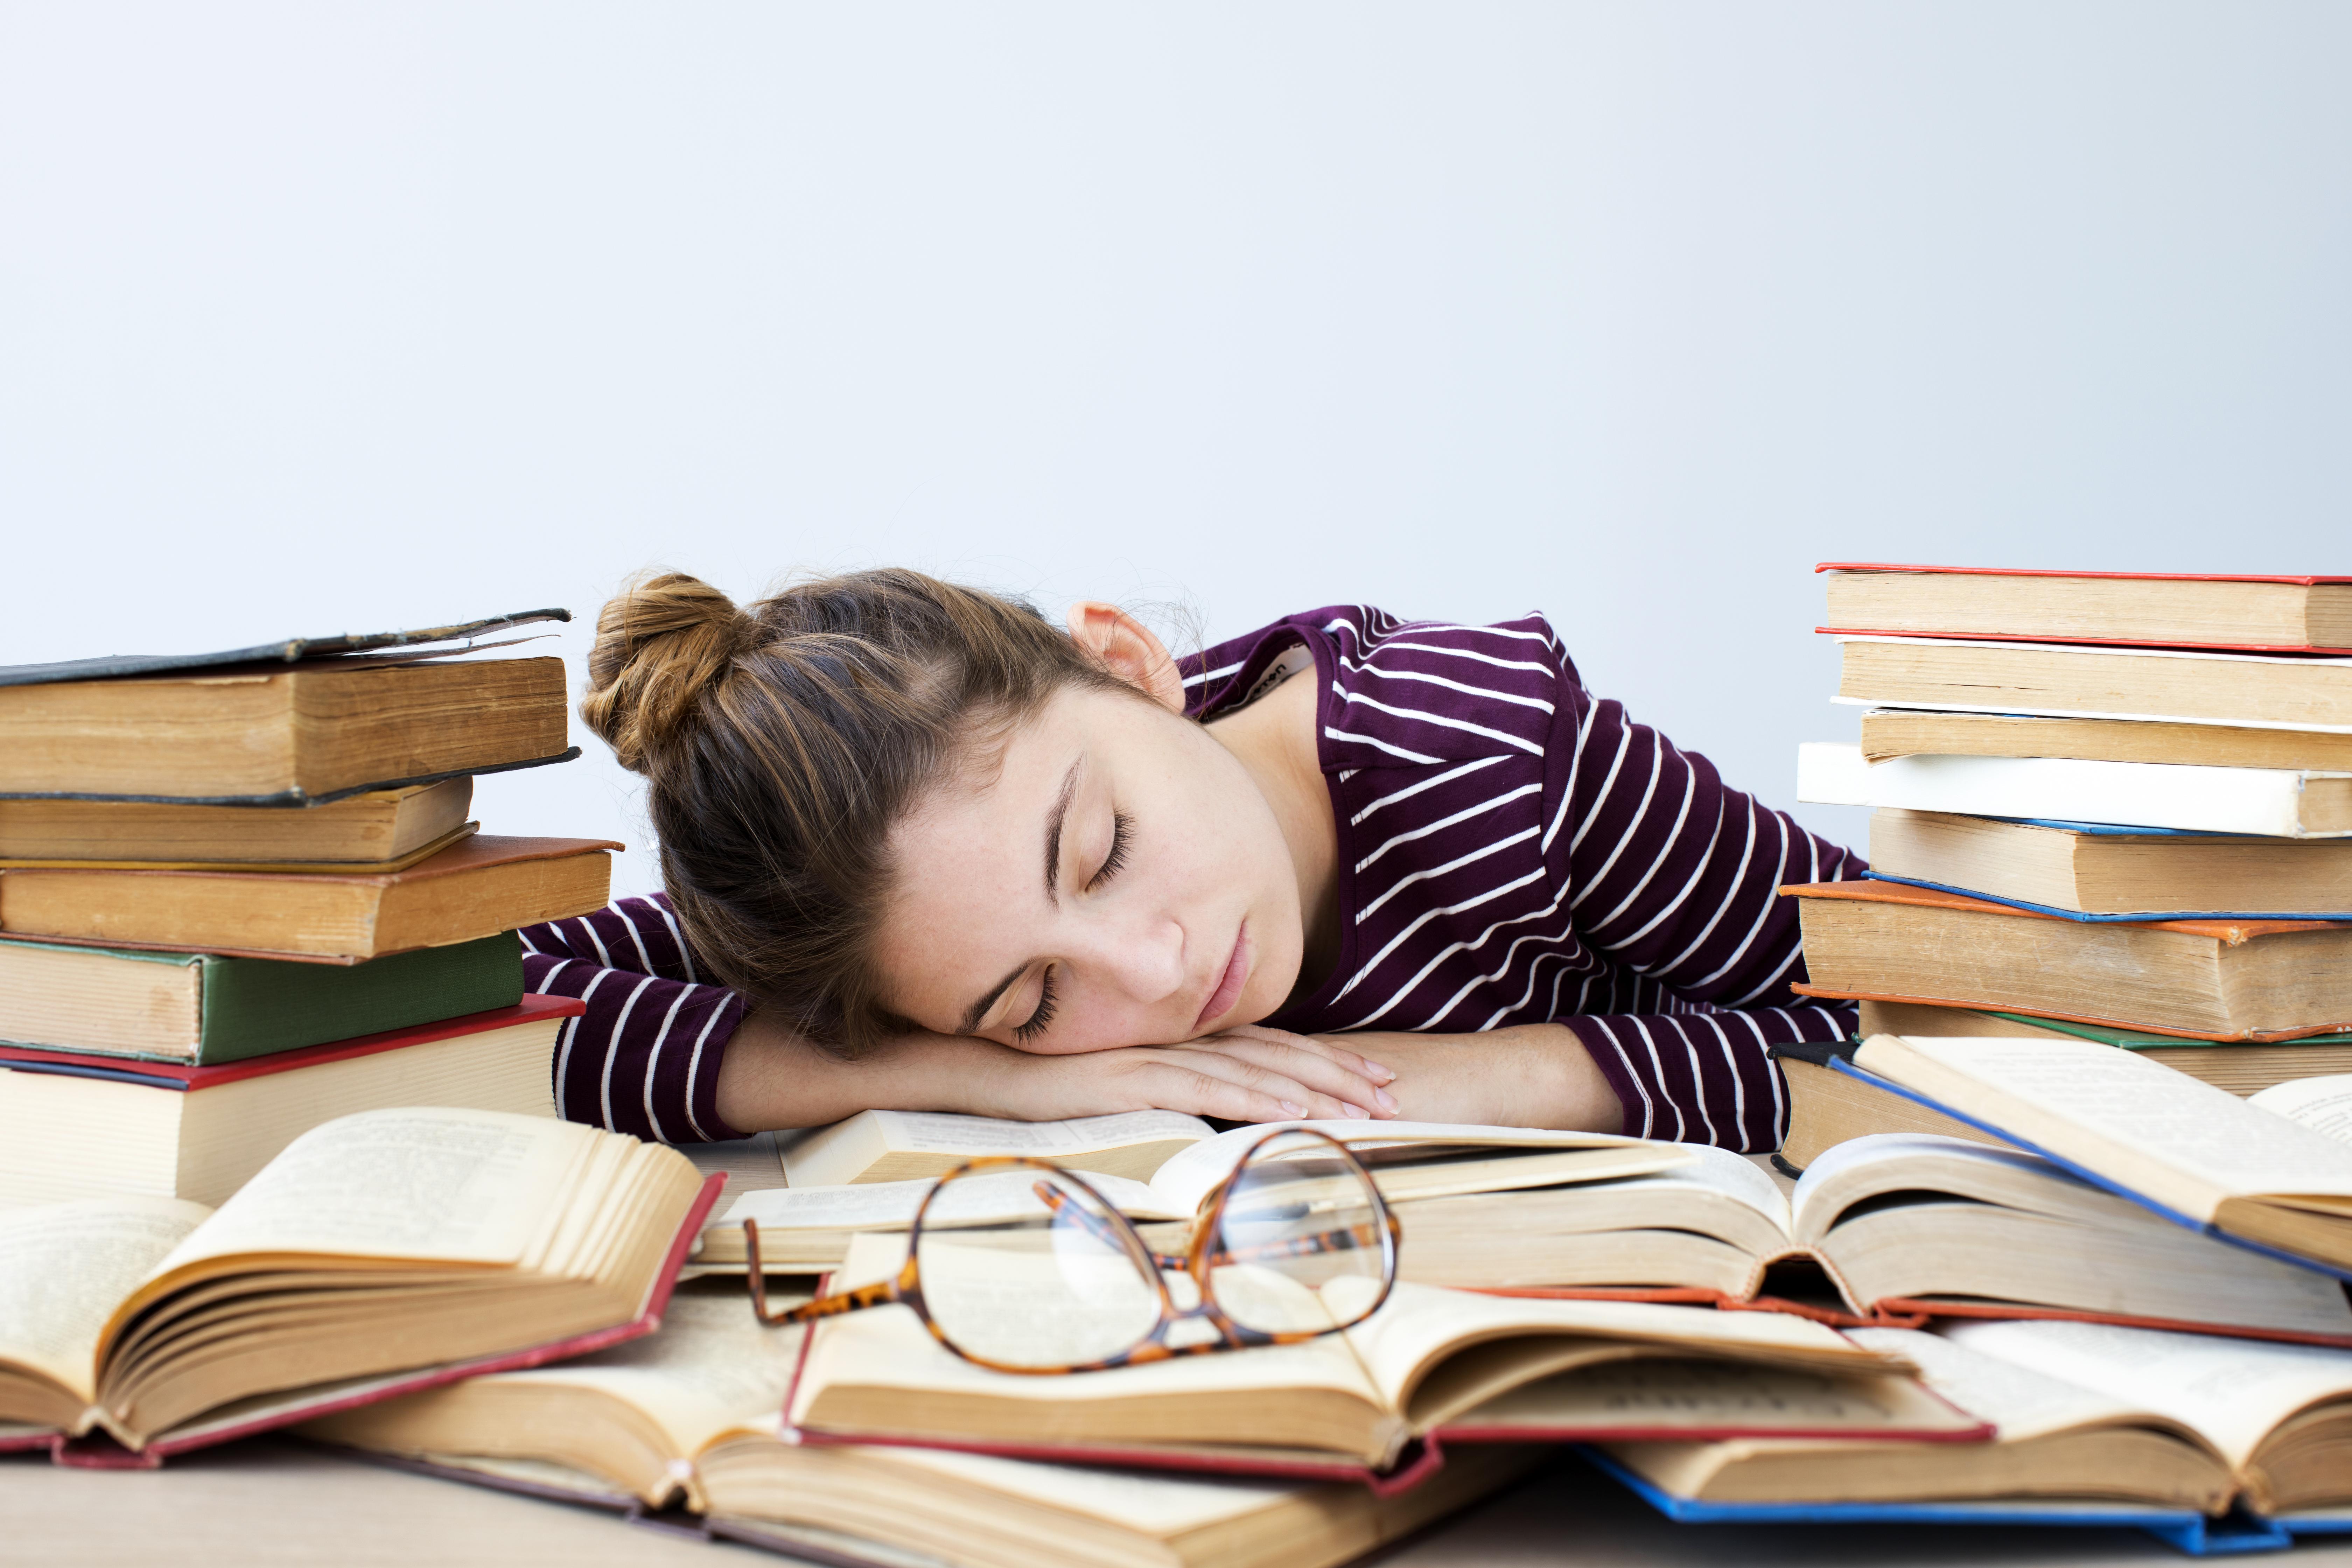 Скільки потрібно спати підлітку: дослідники визначили зв'язок між кількістю відпочинку і курінням у дітей